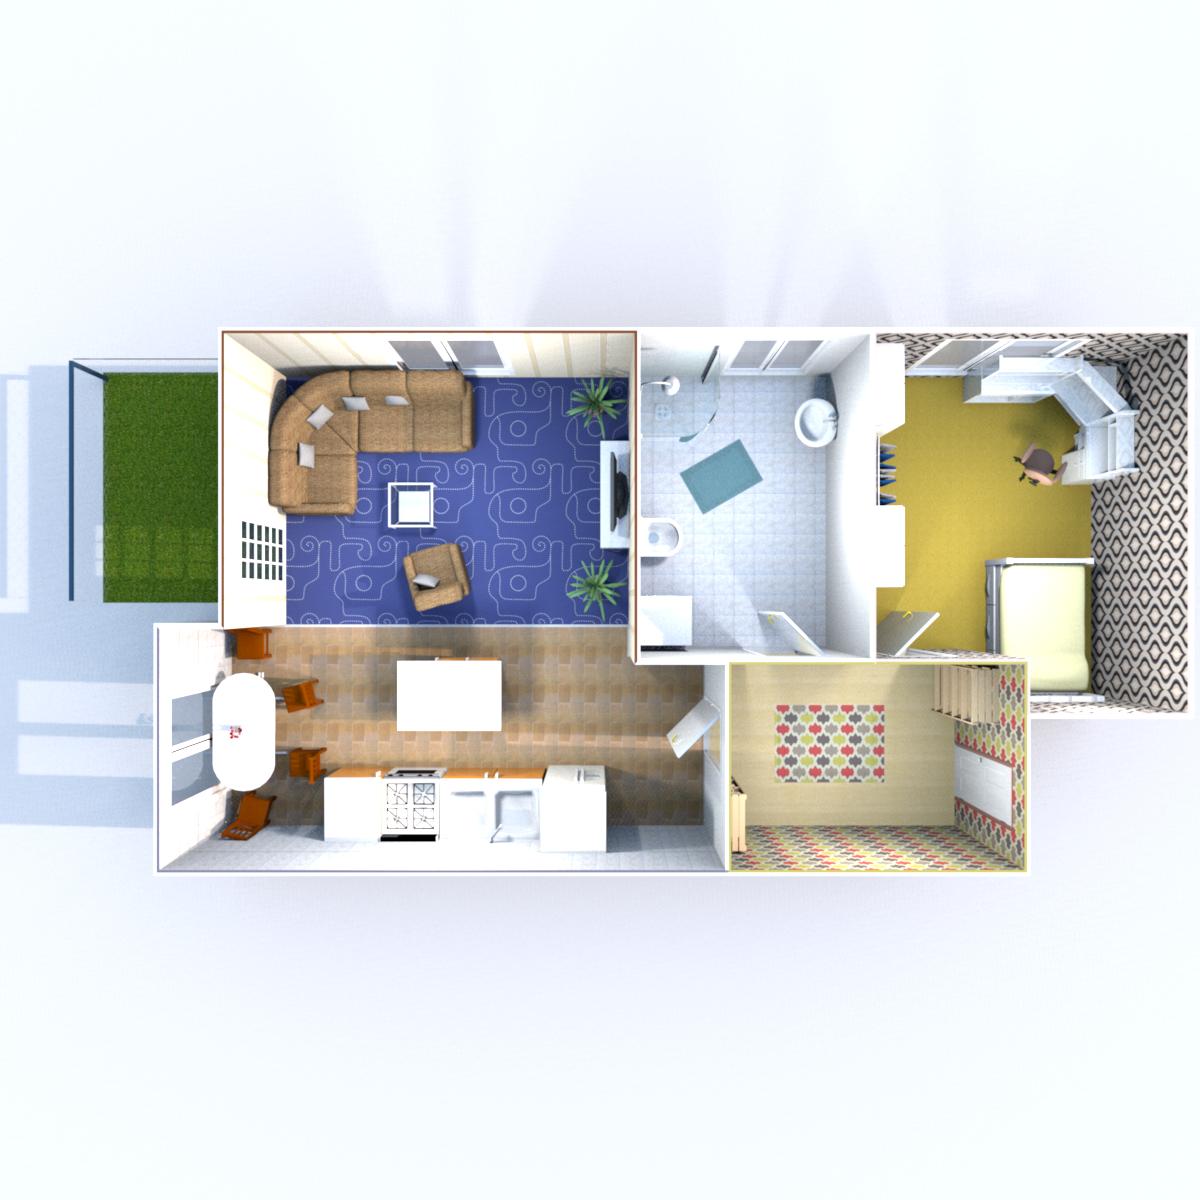 Wohnfläche (ohne Balkon) 48,89 qm